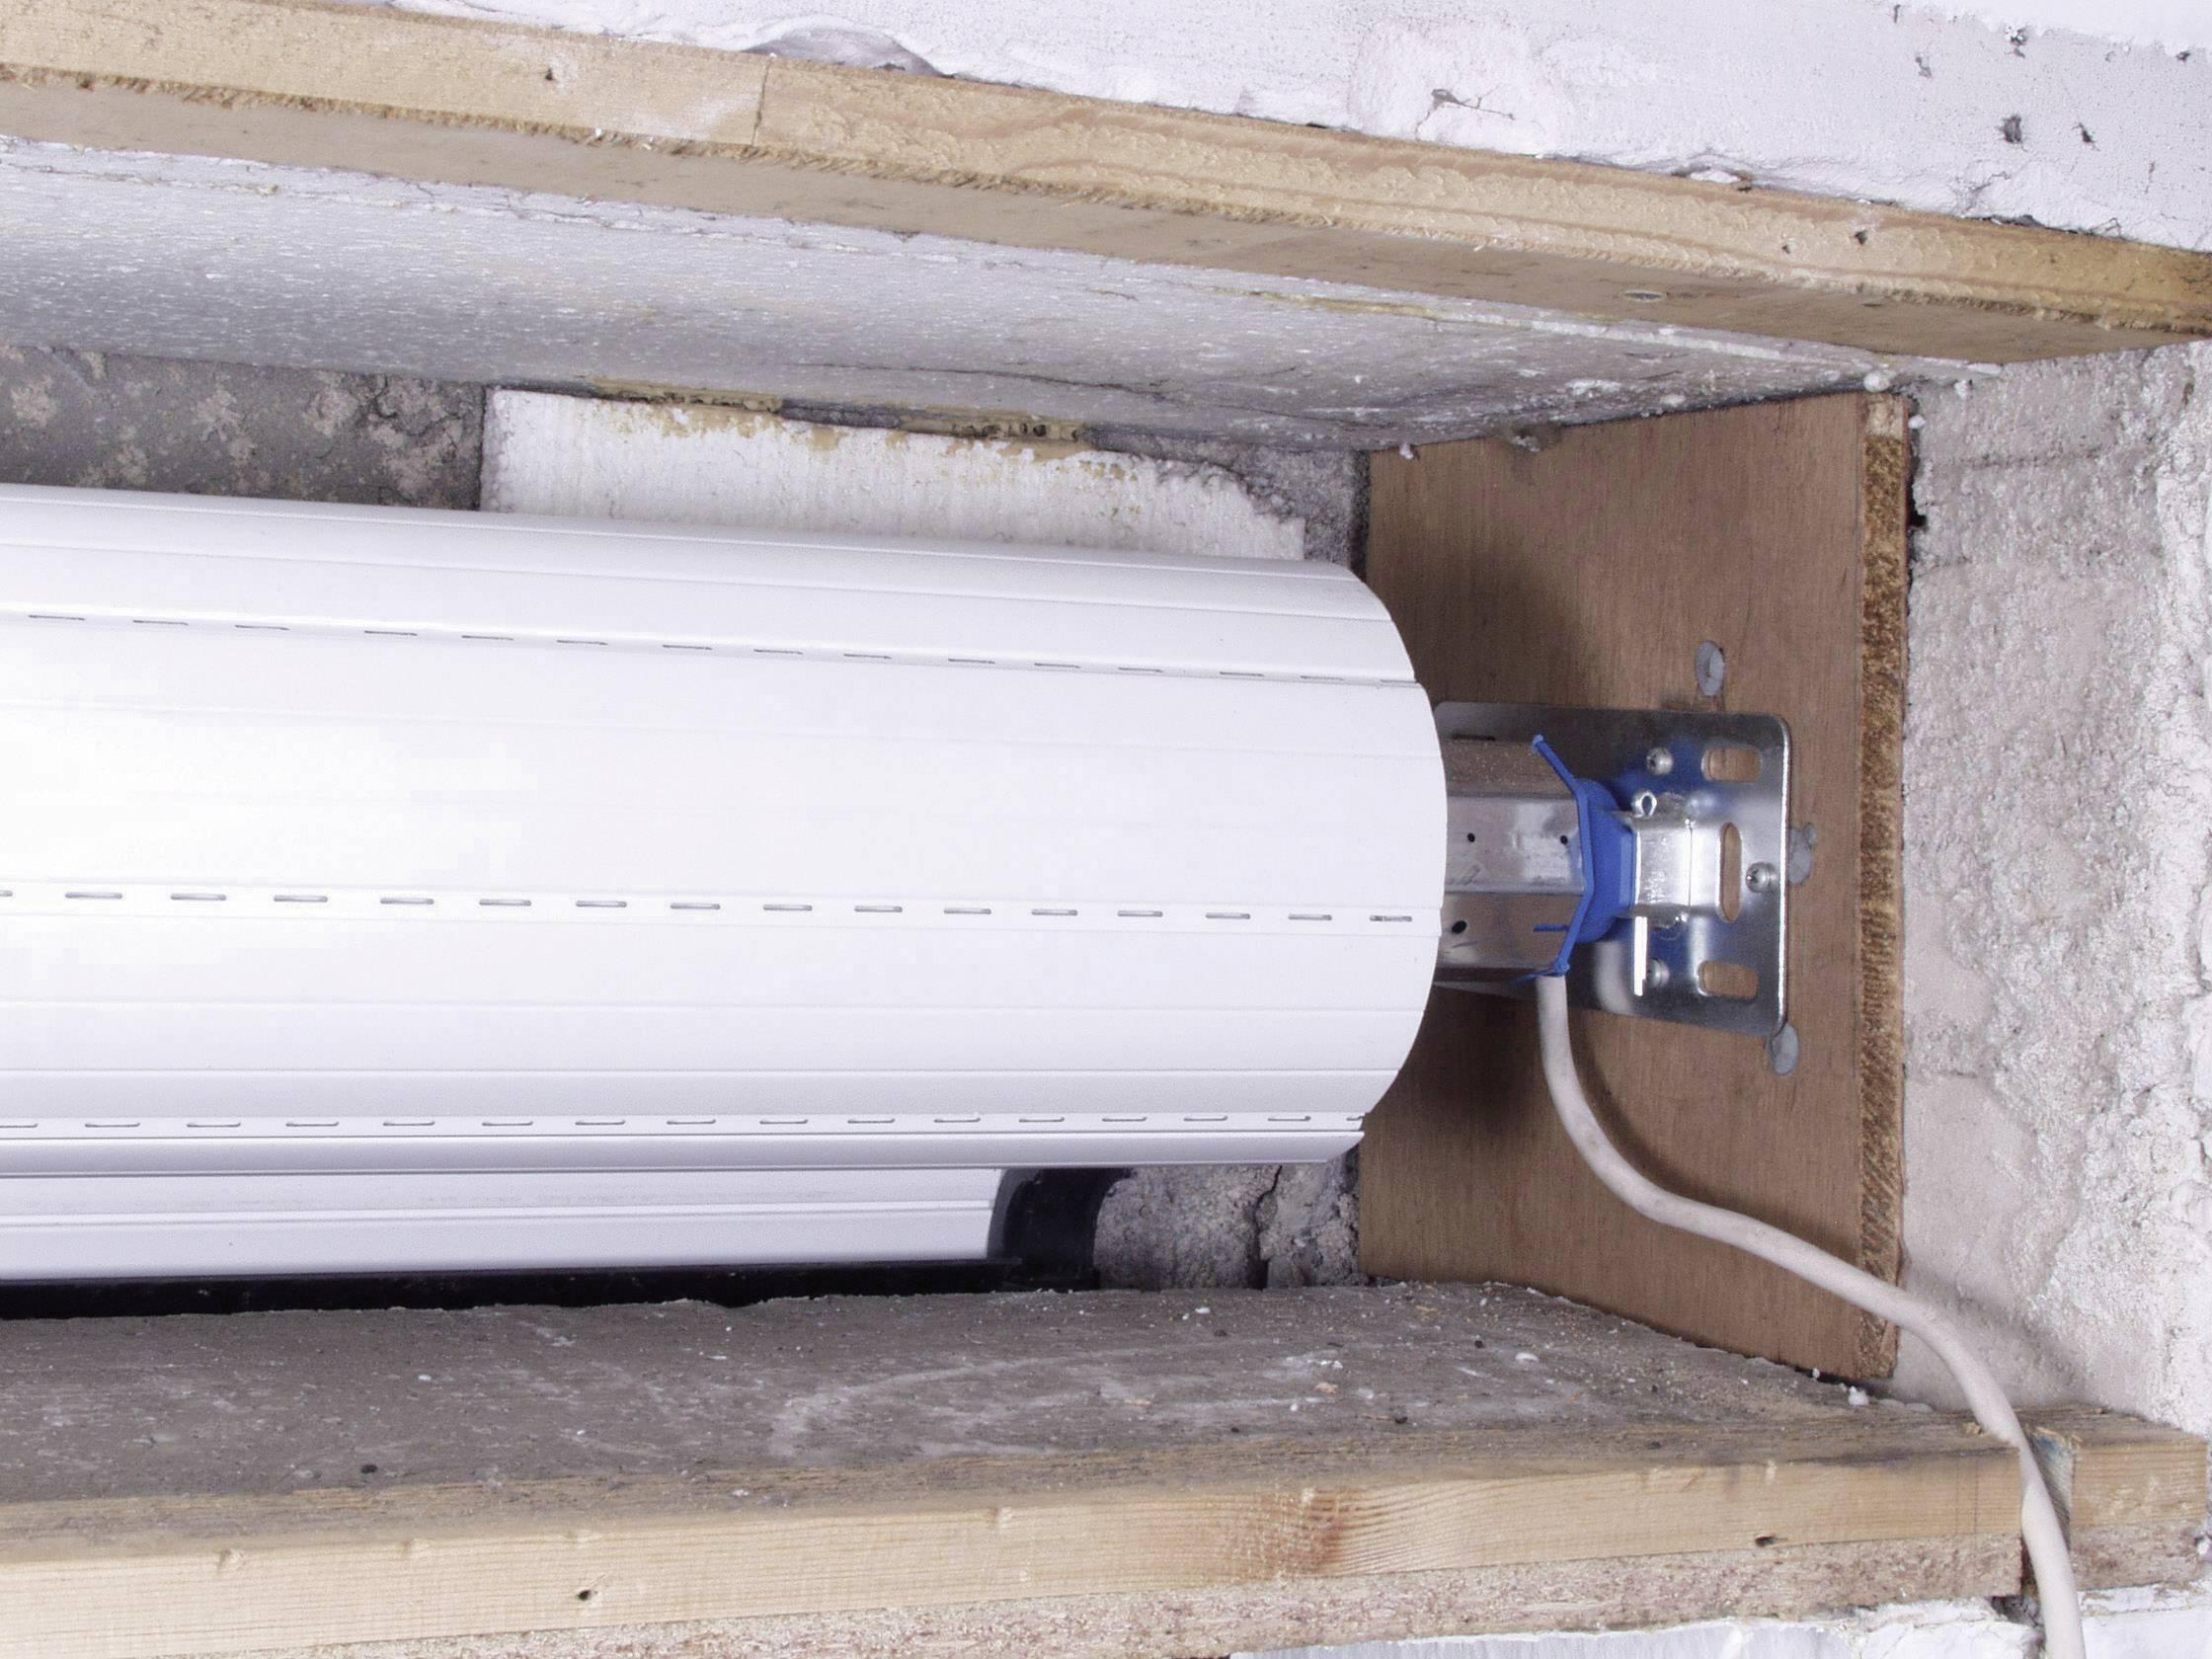 Trubkový motor bez rozpoznania prekážky WR Rademacher RM 4-646324, 22 Nm, max. 50 kg